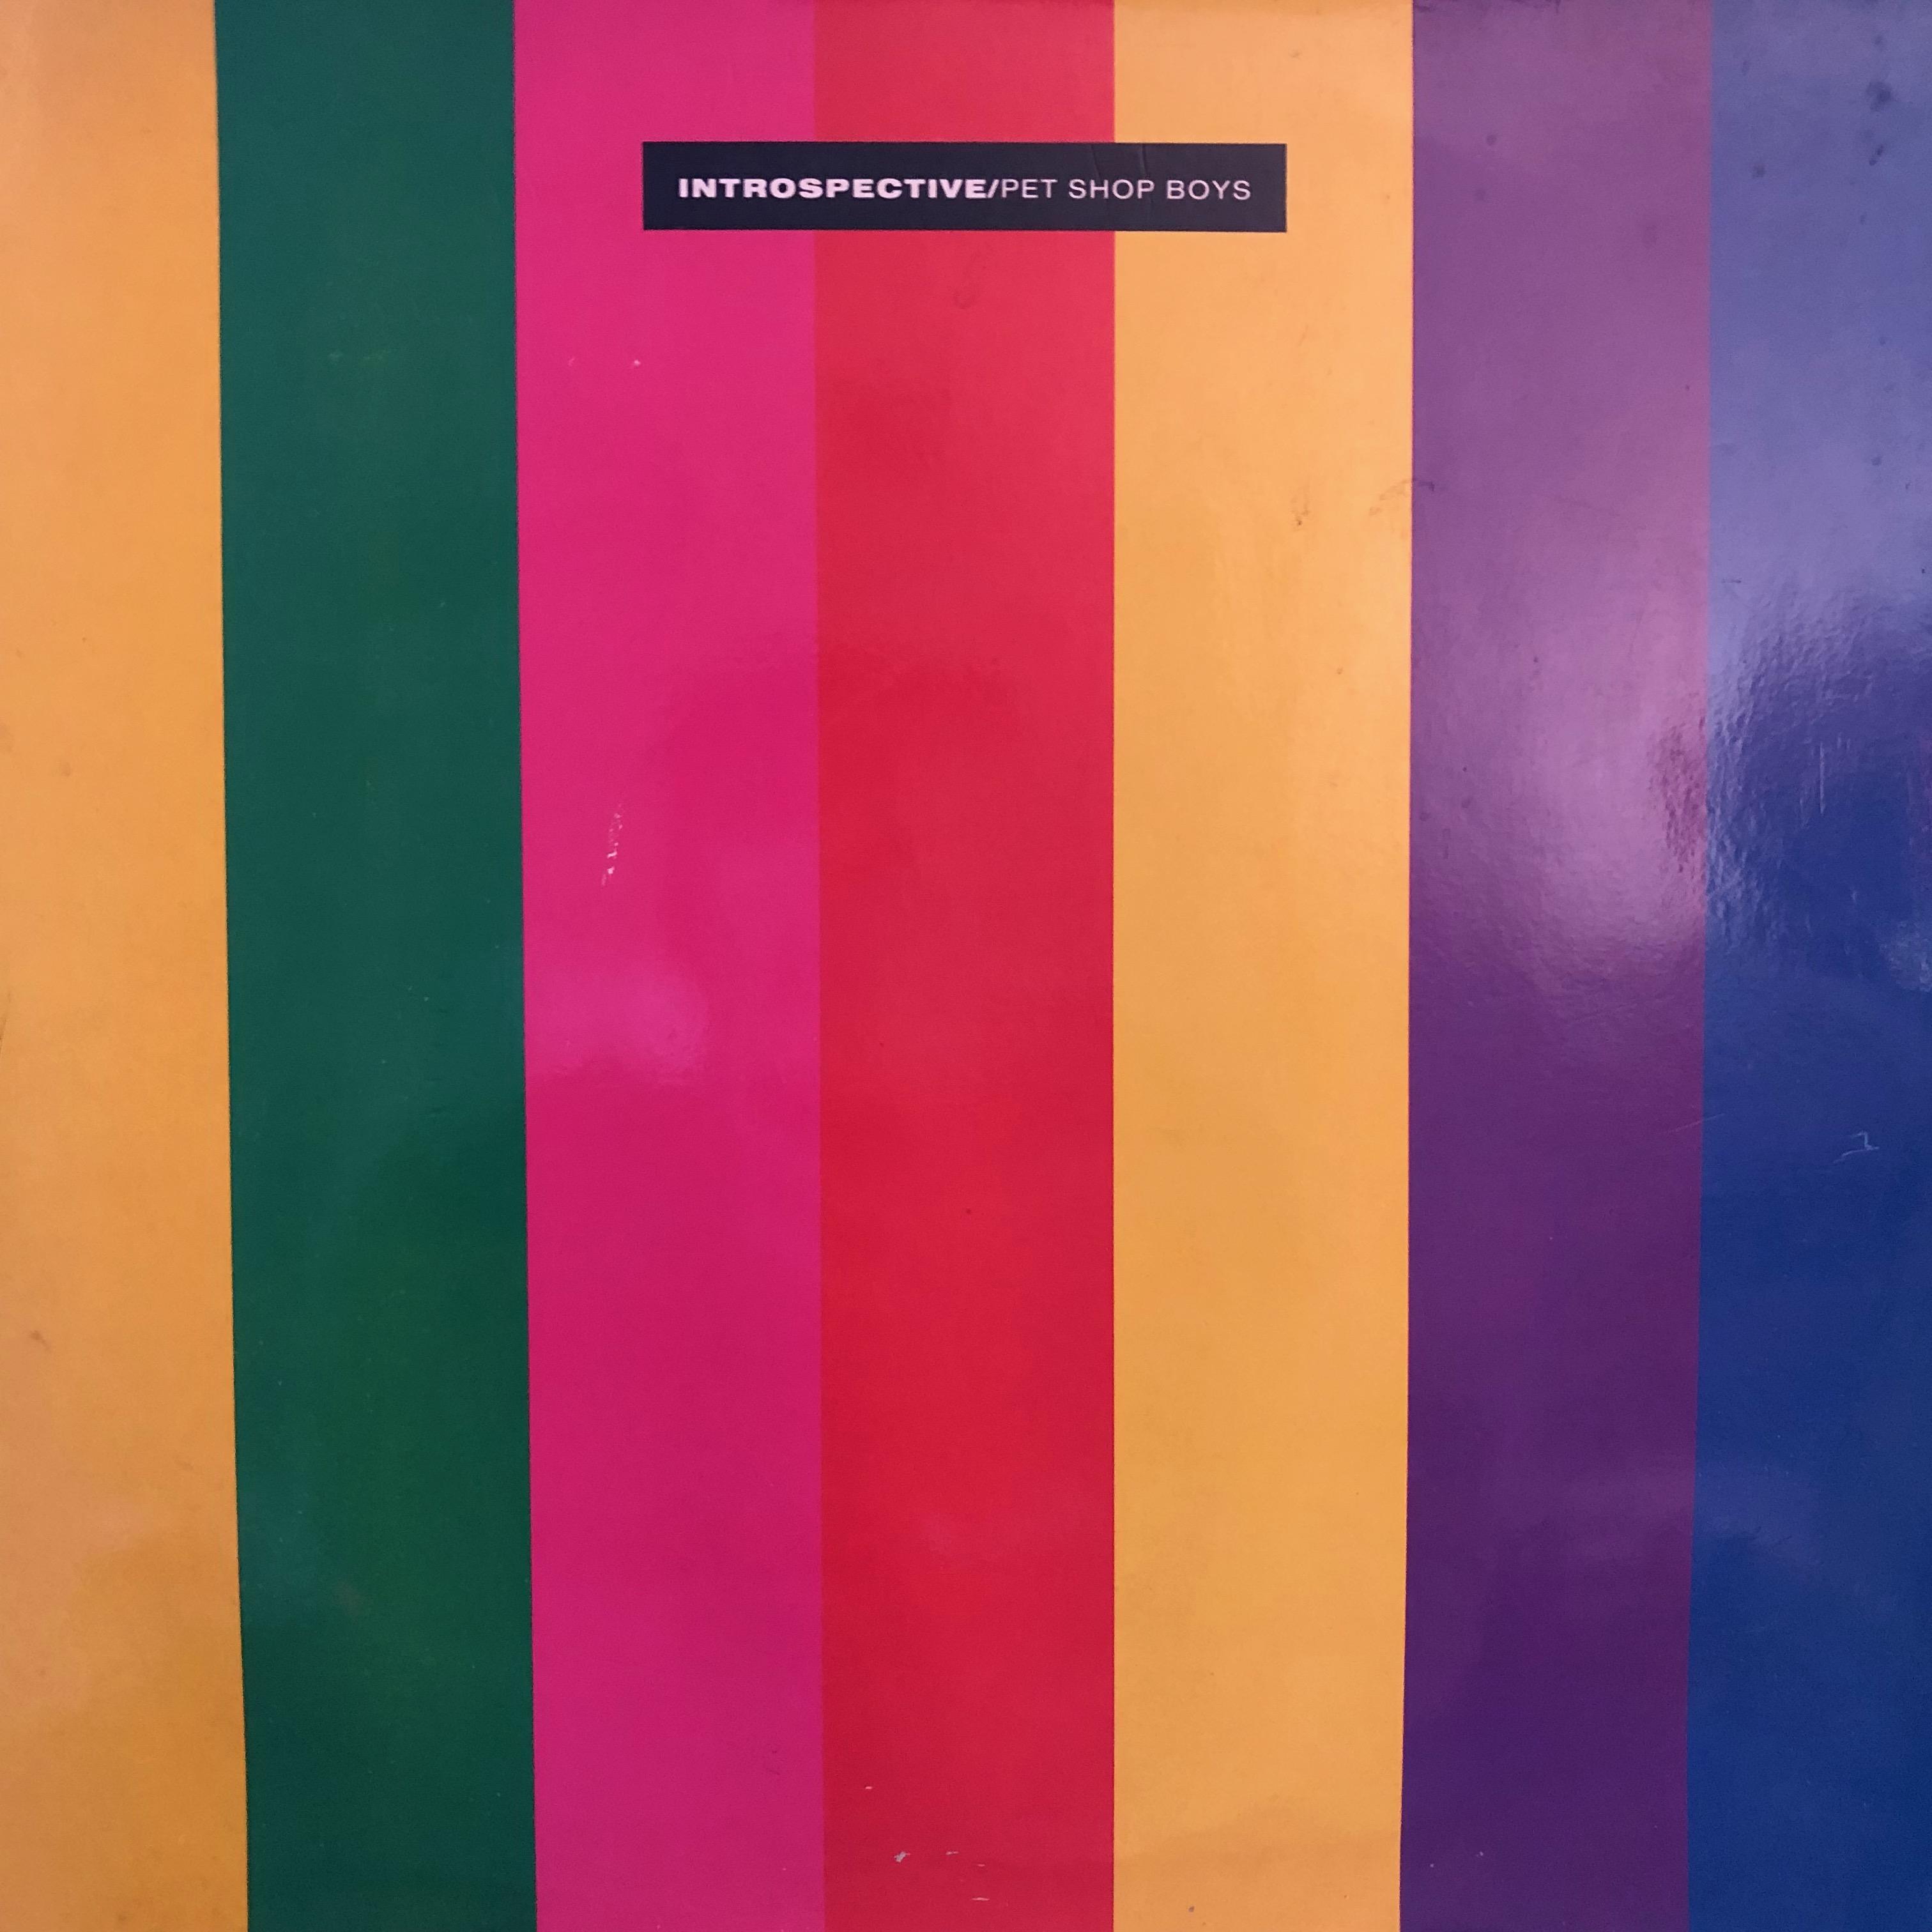 Pet Shop Boys - Introspective - Front Cover